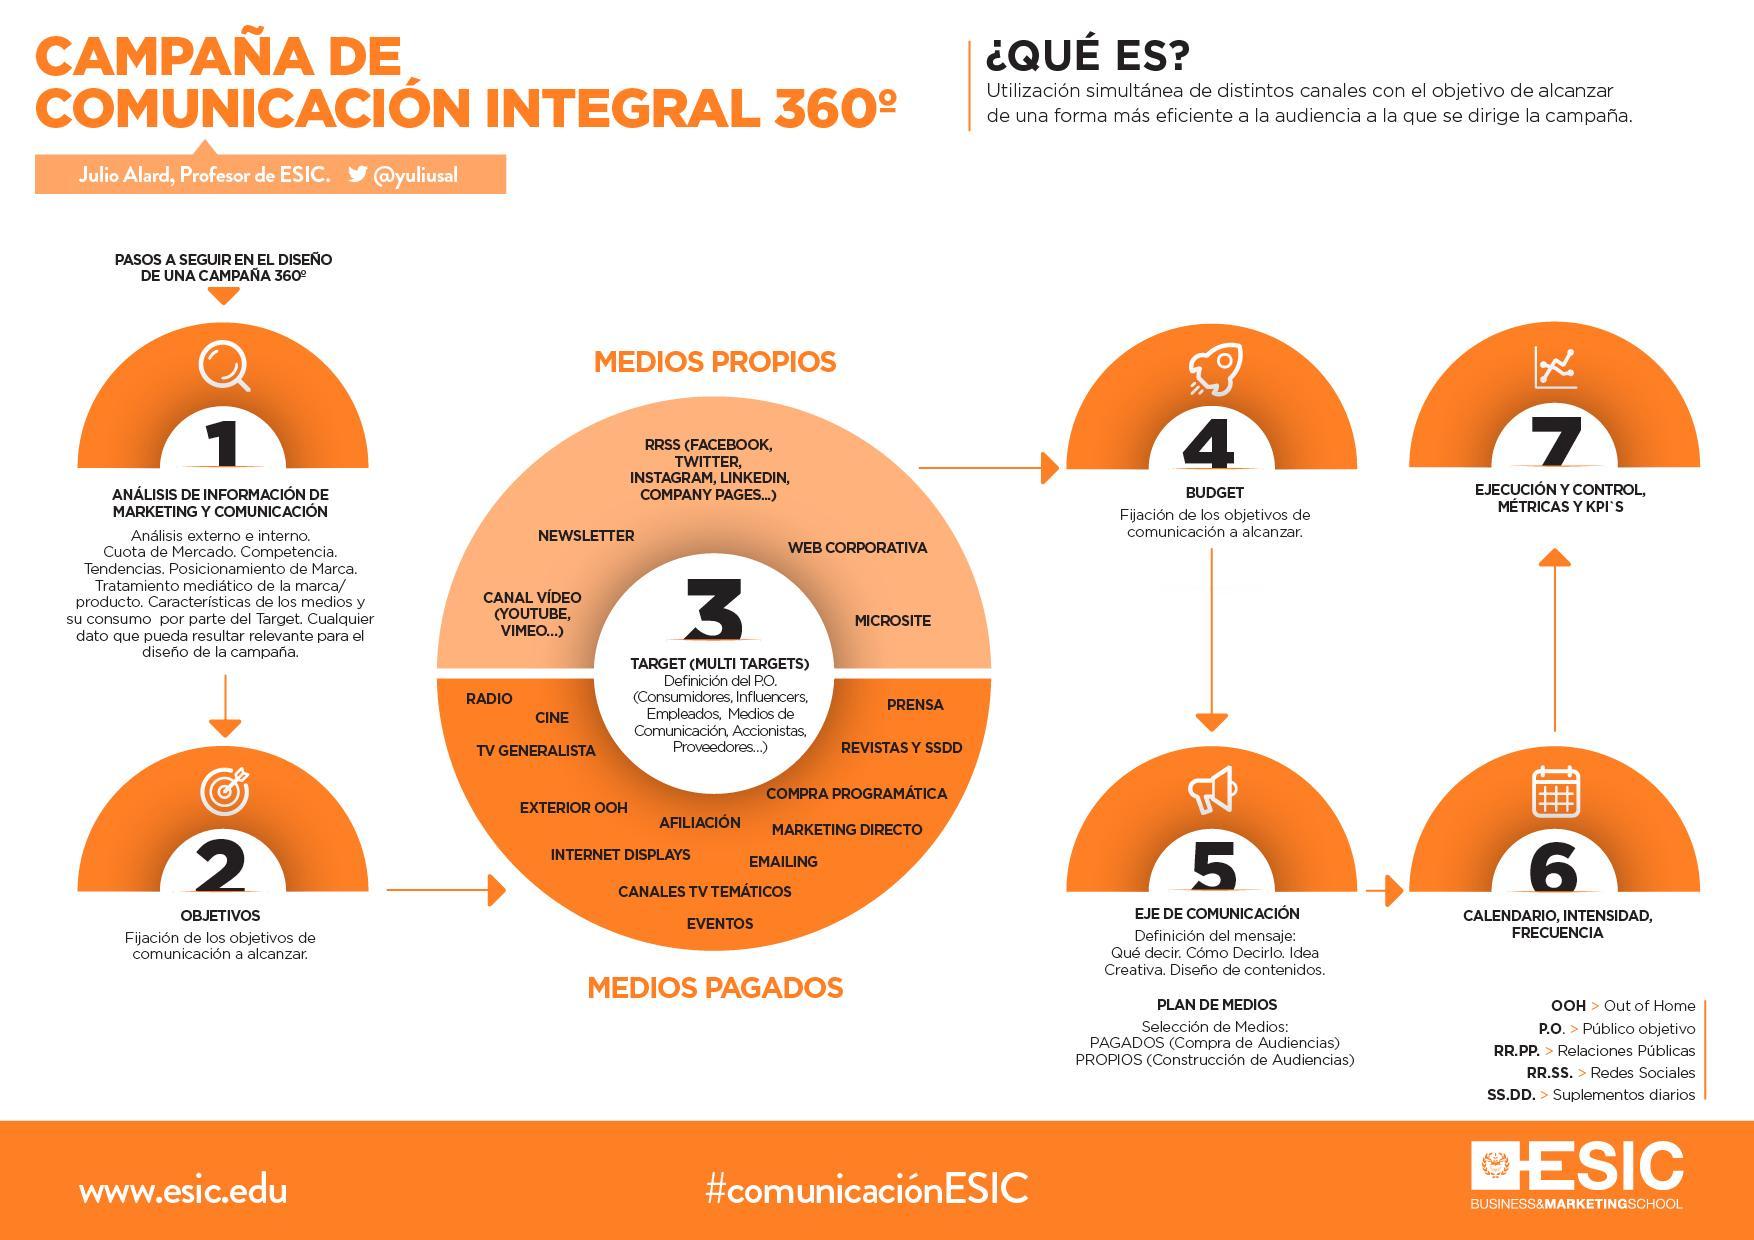 Campaña de Comunicación Integral o 360º: Pasos a seguir